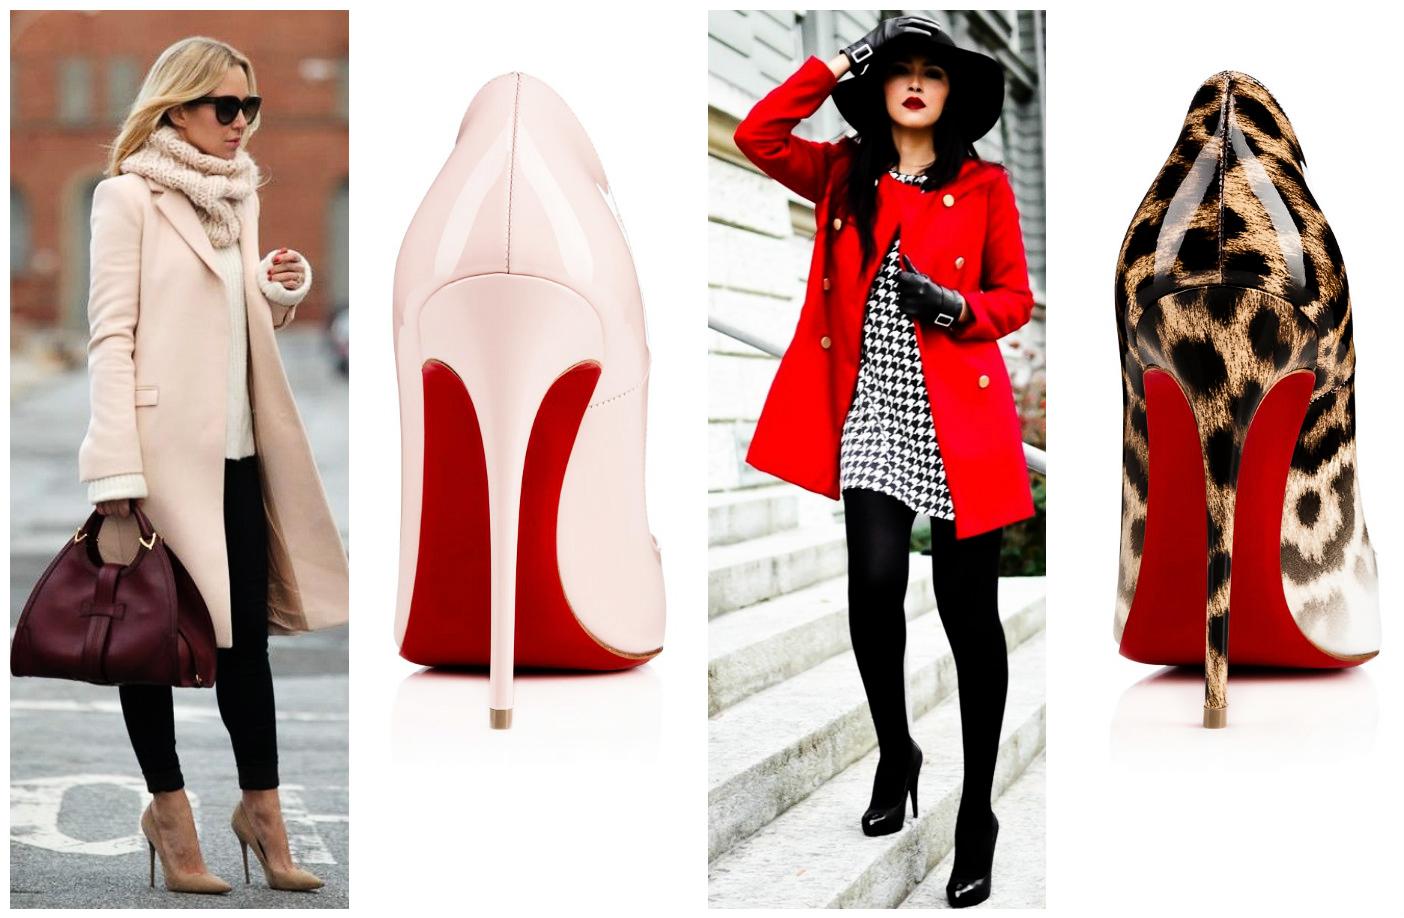 Chaussures femme: 57 Escarpins tendance pour être chic en 2017 (+propositions de looks)